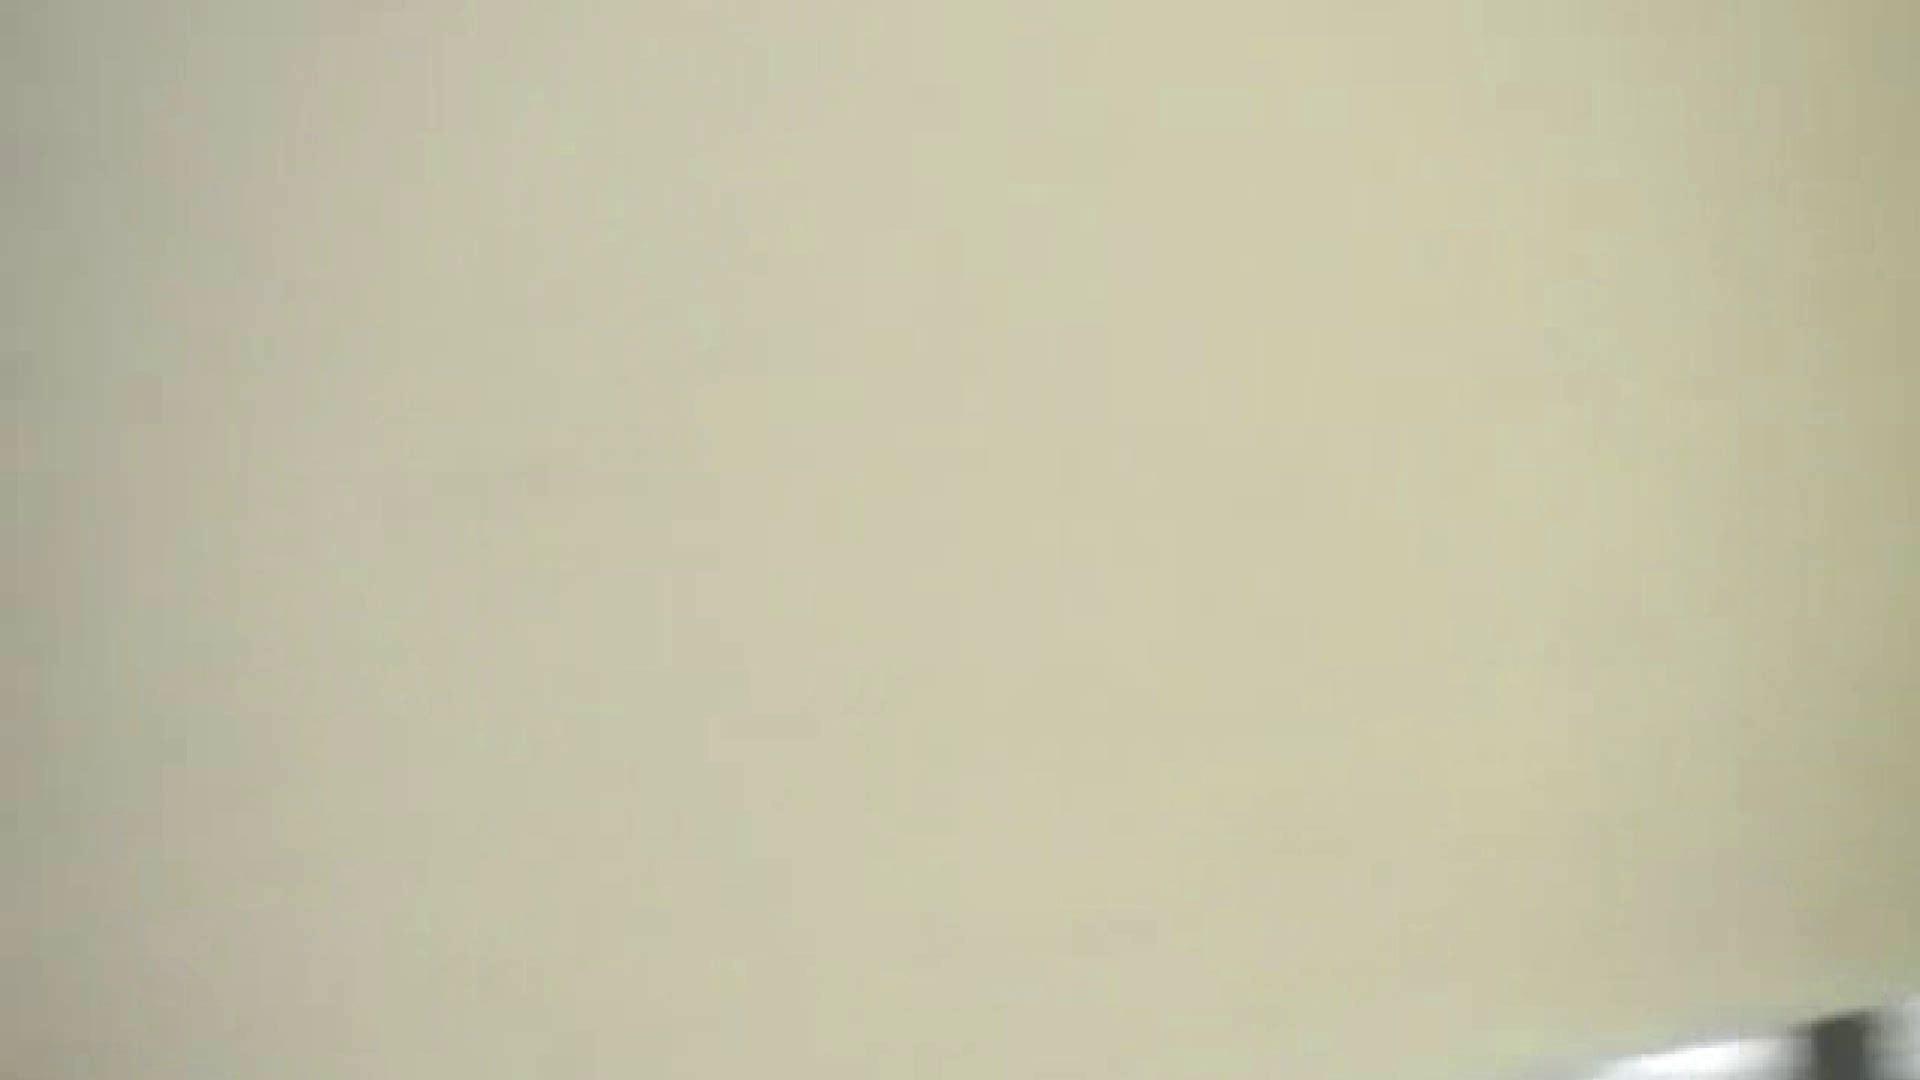 ロックハンドさんの盗撮記録File.74 厠隠し撮り  79pic 24